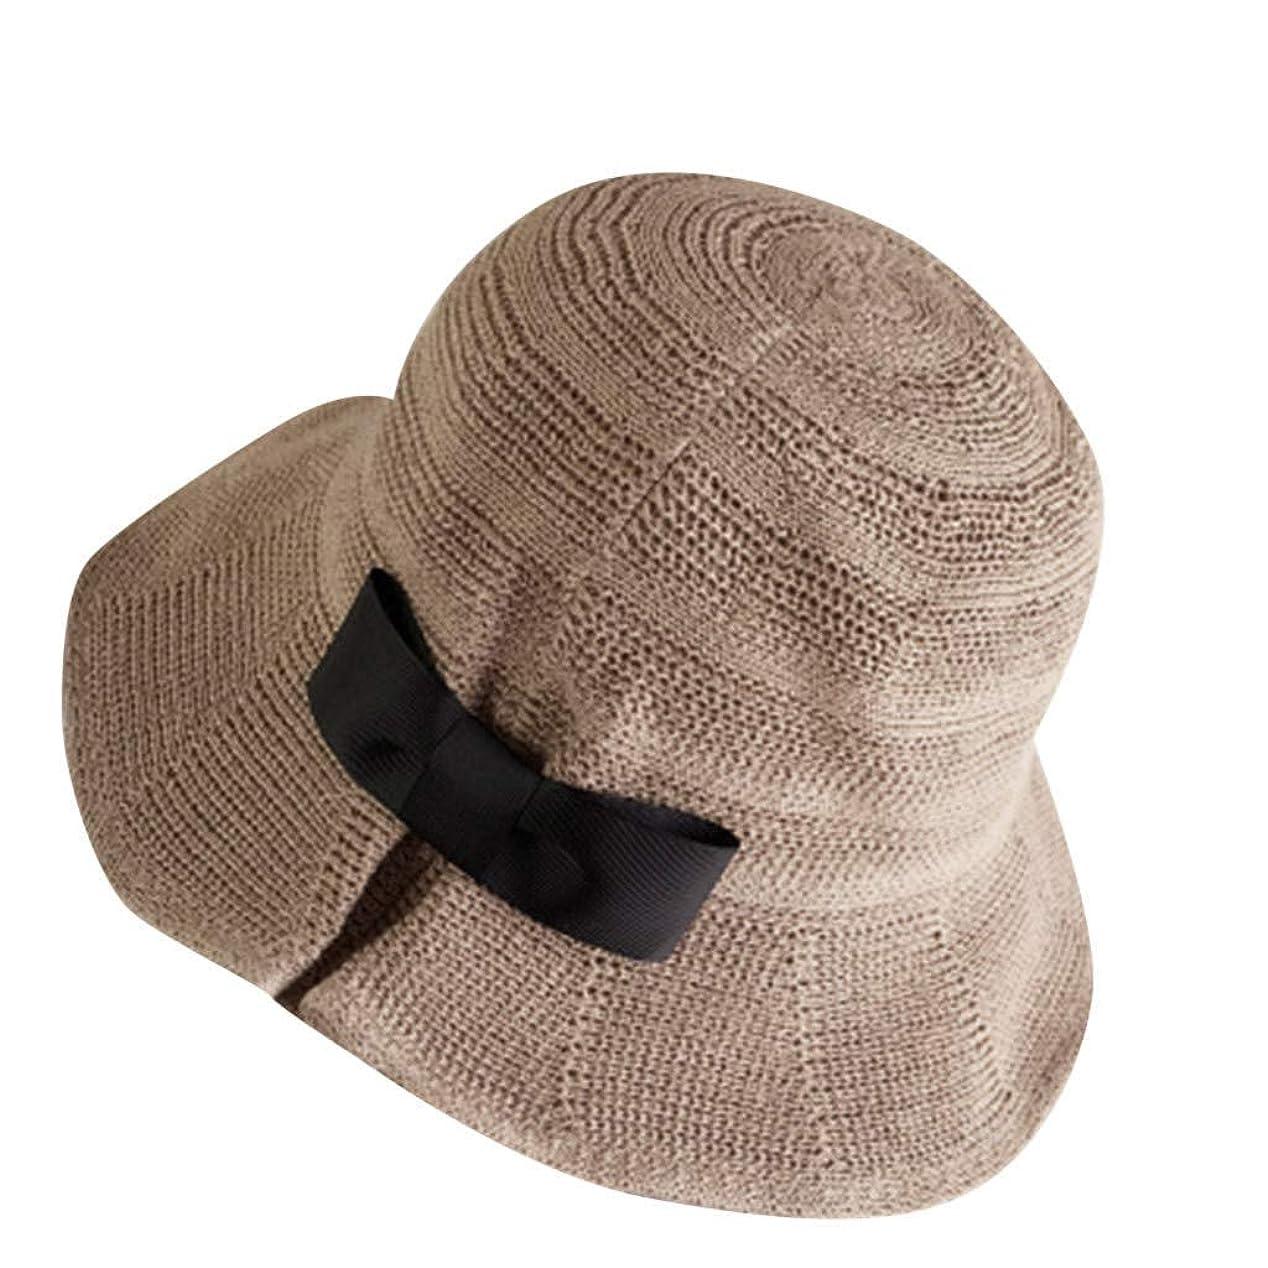 入植者シールドスムーズにサンバイザー 帽子 レディース 大きいサイズ 日よけ つば広 紫外線対策 小顔効果抜群 春夏 お出かけ用 ビーチハット 蝶結び ハット レディース 日除け帽子 紫外線対策 キャップ 漁師の帽子 漁師キャップ ROSE ROMAN